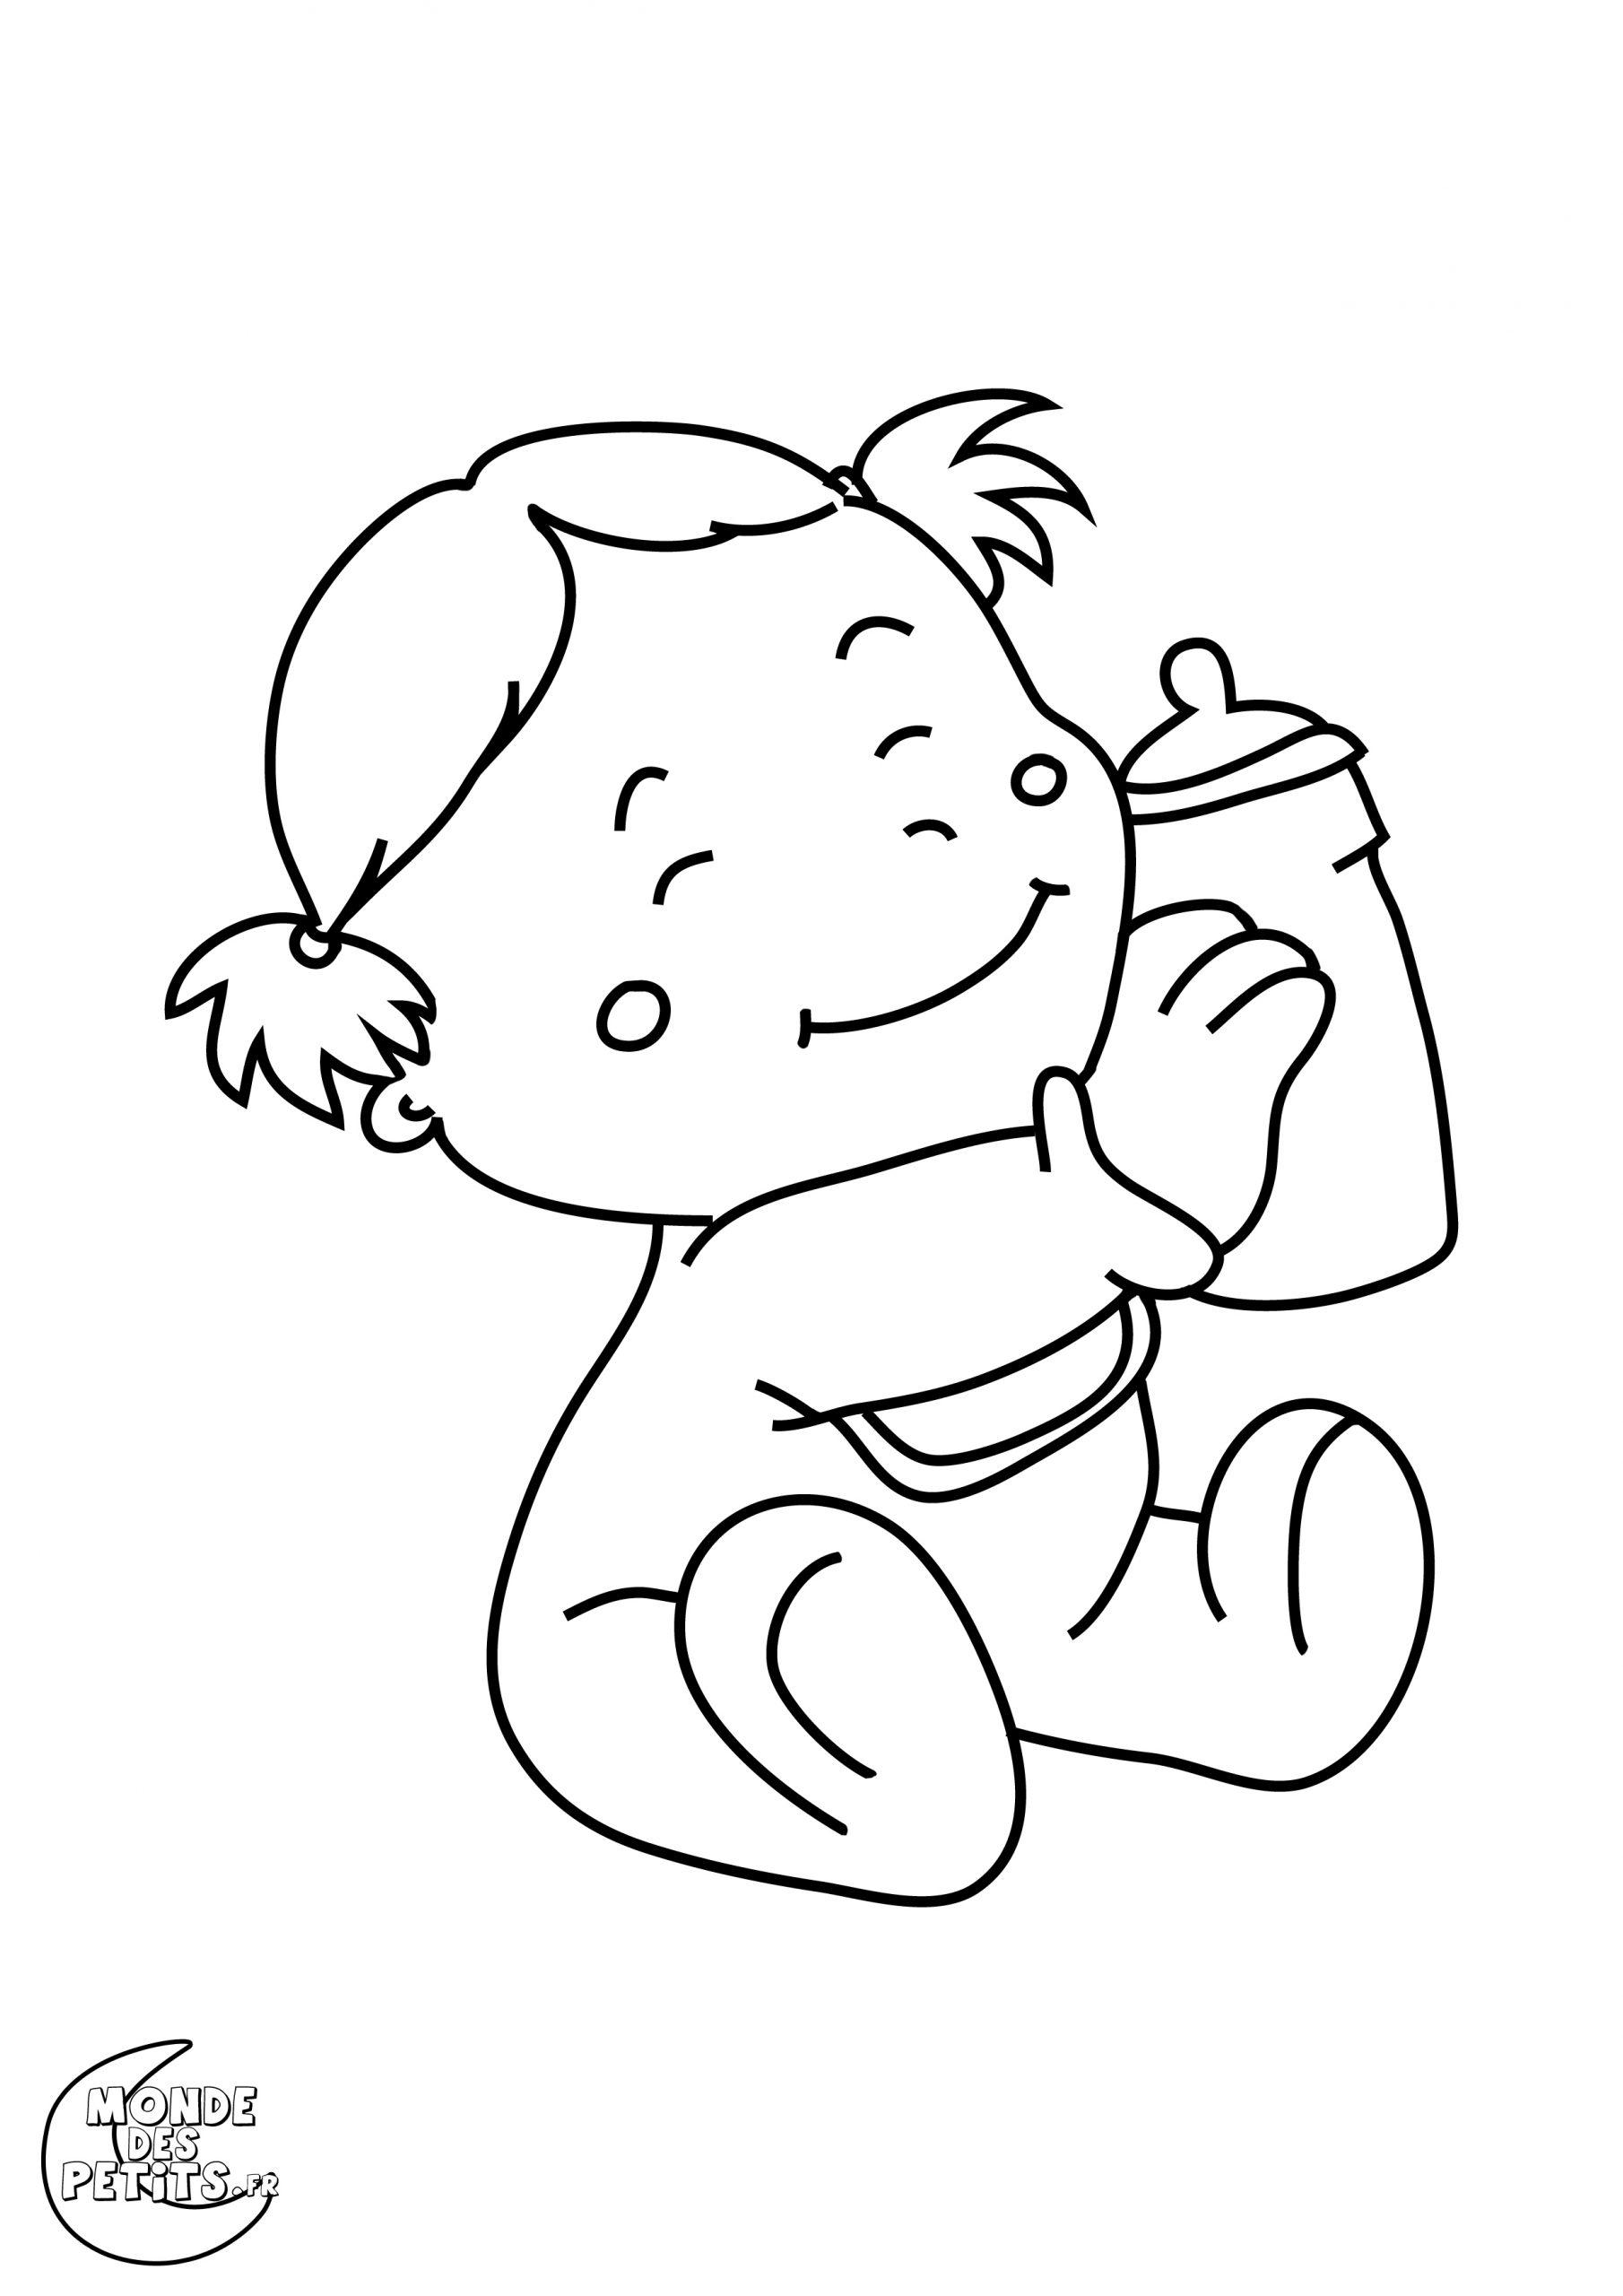 Dessins Gratuits À Colorier - Coloriage Bebe À Imprimer serapportantà Dessin Pour Enfant À Colorier